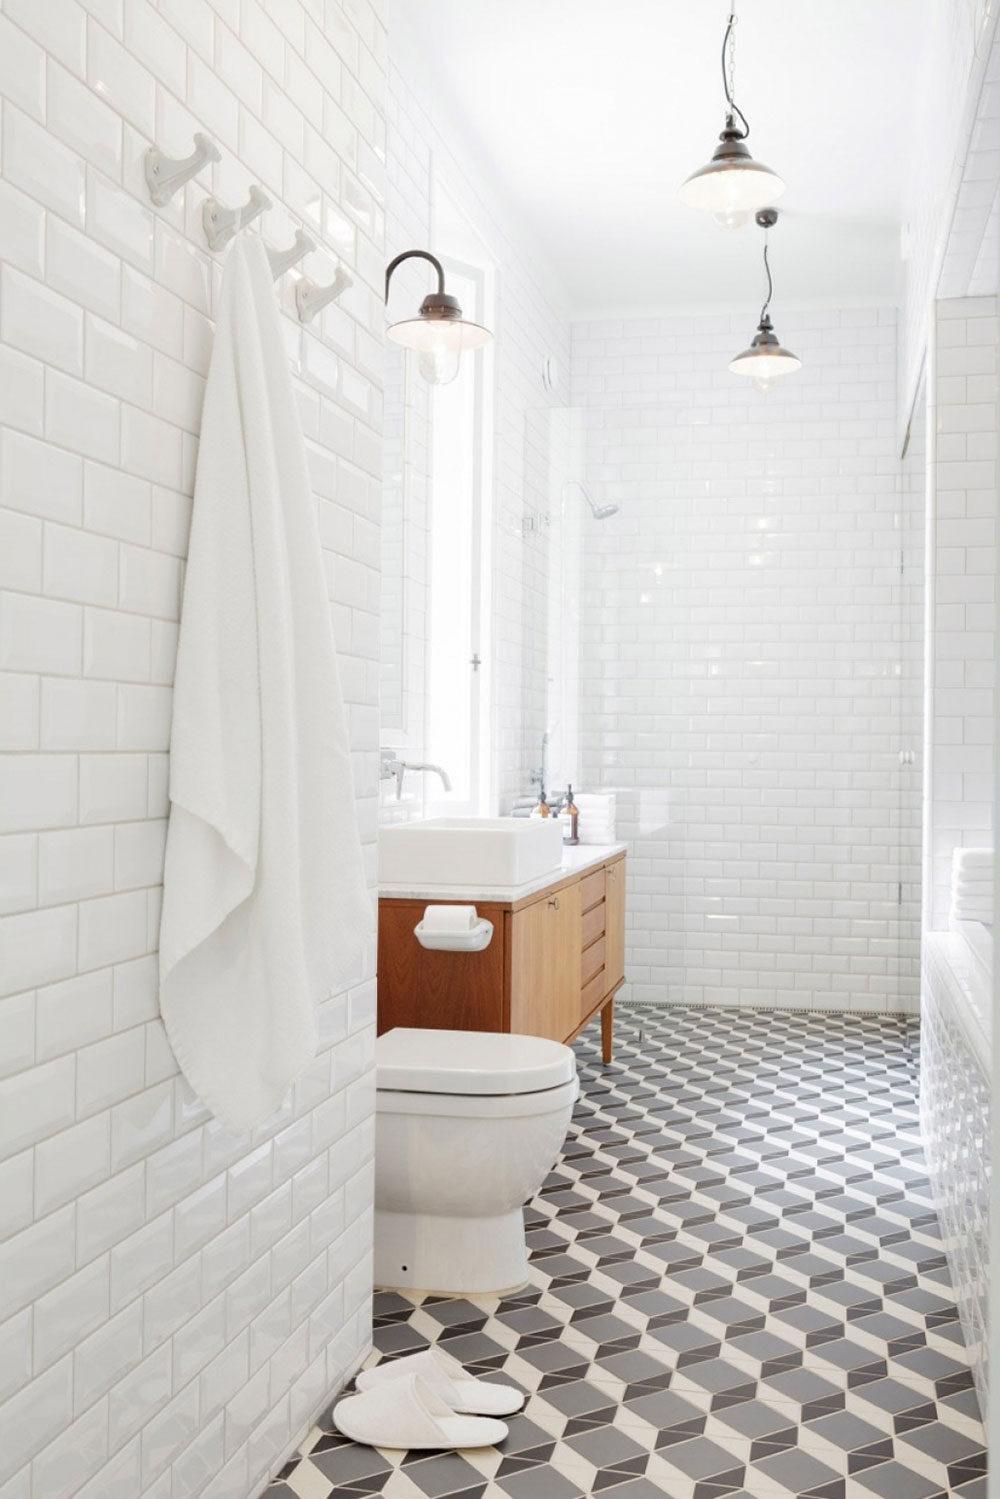 Classic Family Bath | Patrones de Gresite | Especial Baños Familiares | Tendencias Reformas 2019 | Drékaro